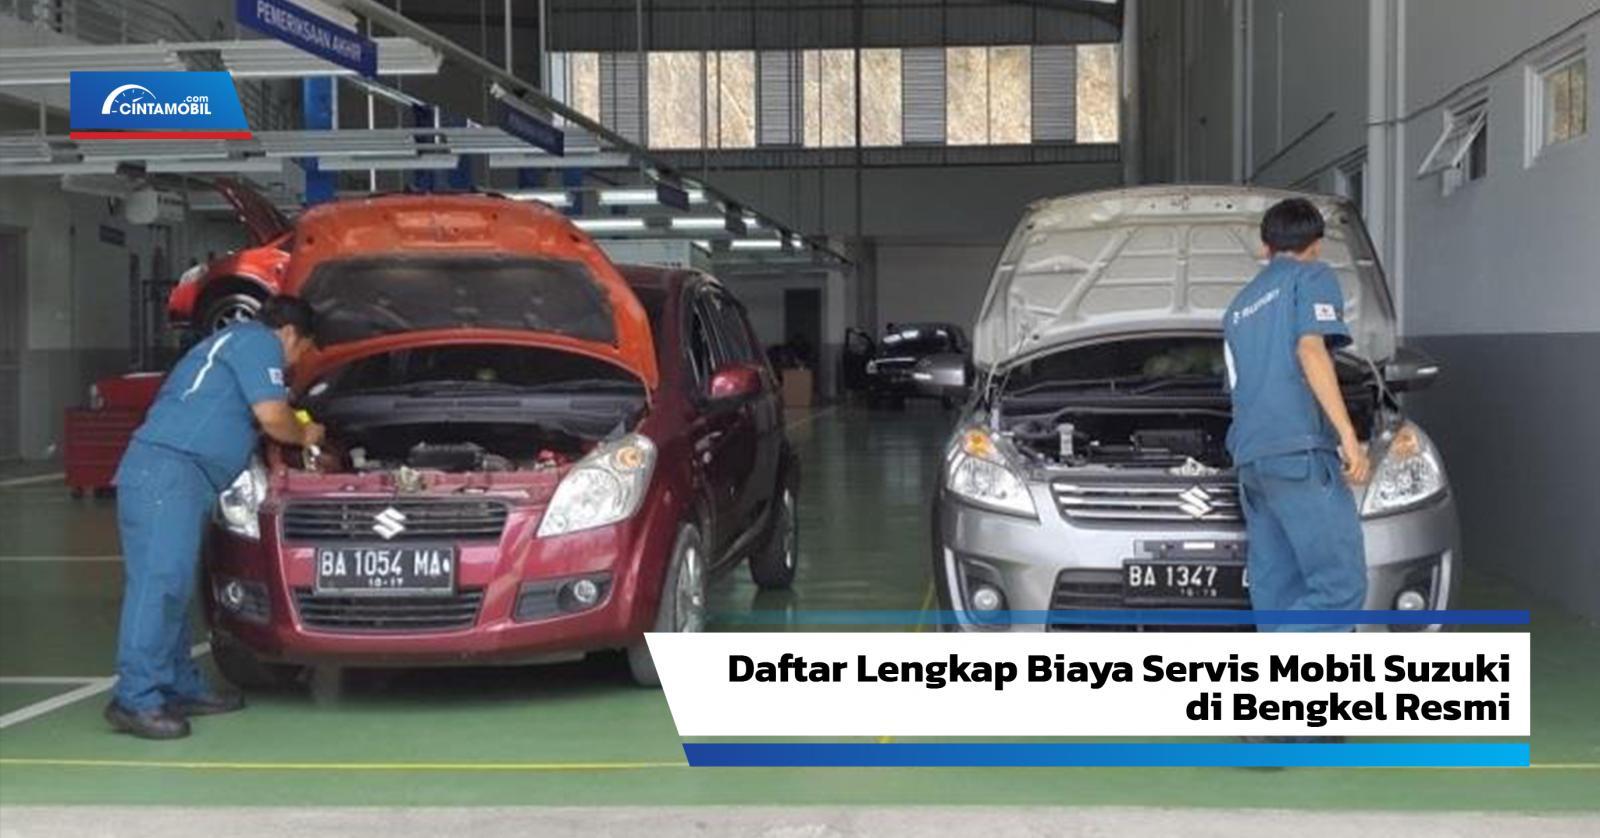 Daftar Lengkap Biaya Servis Mobil Suzuki Di Bengkel Resmi